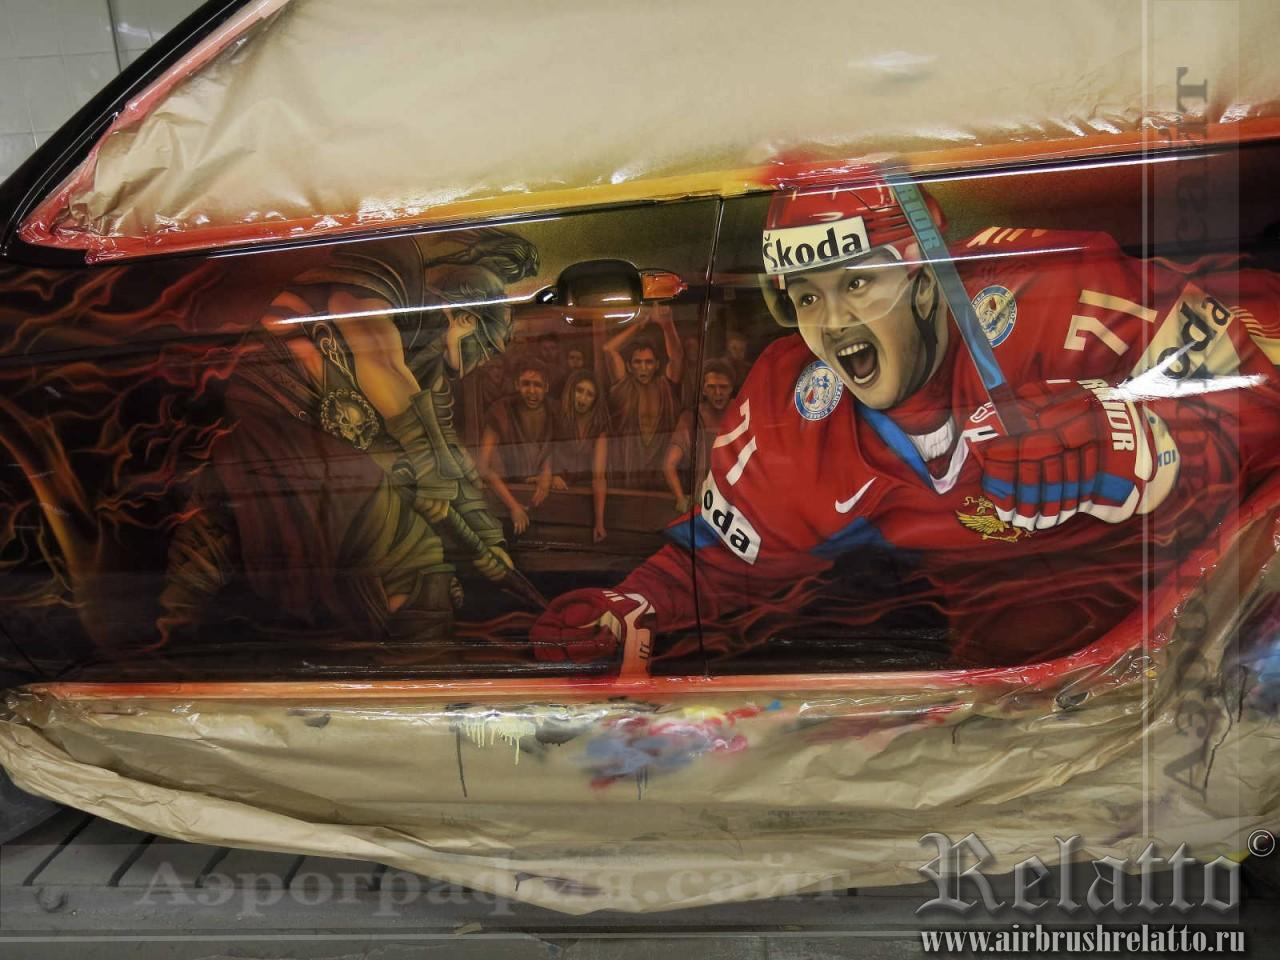 аэрография на автомобиле хоккей Илья Ковальчук в Белгороде